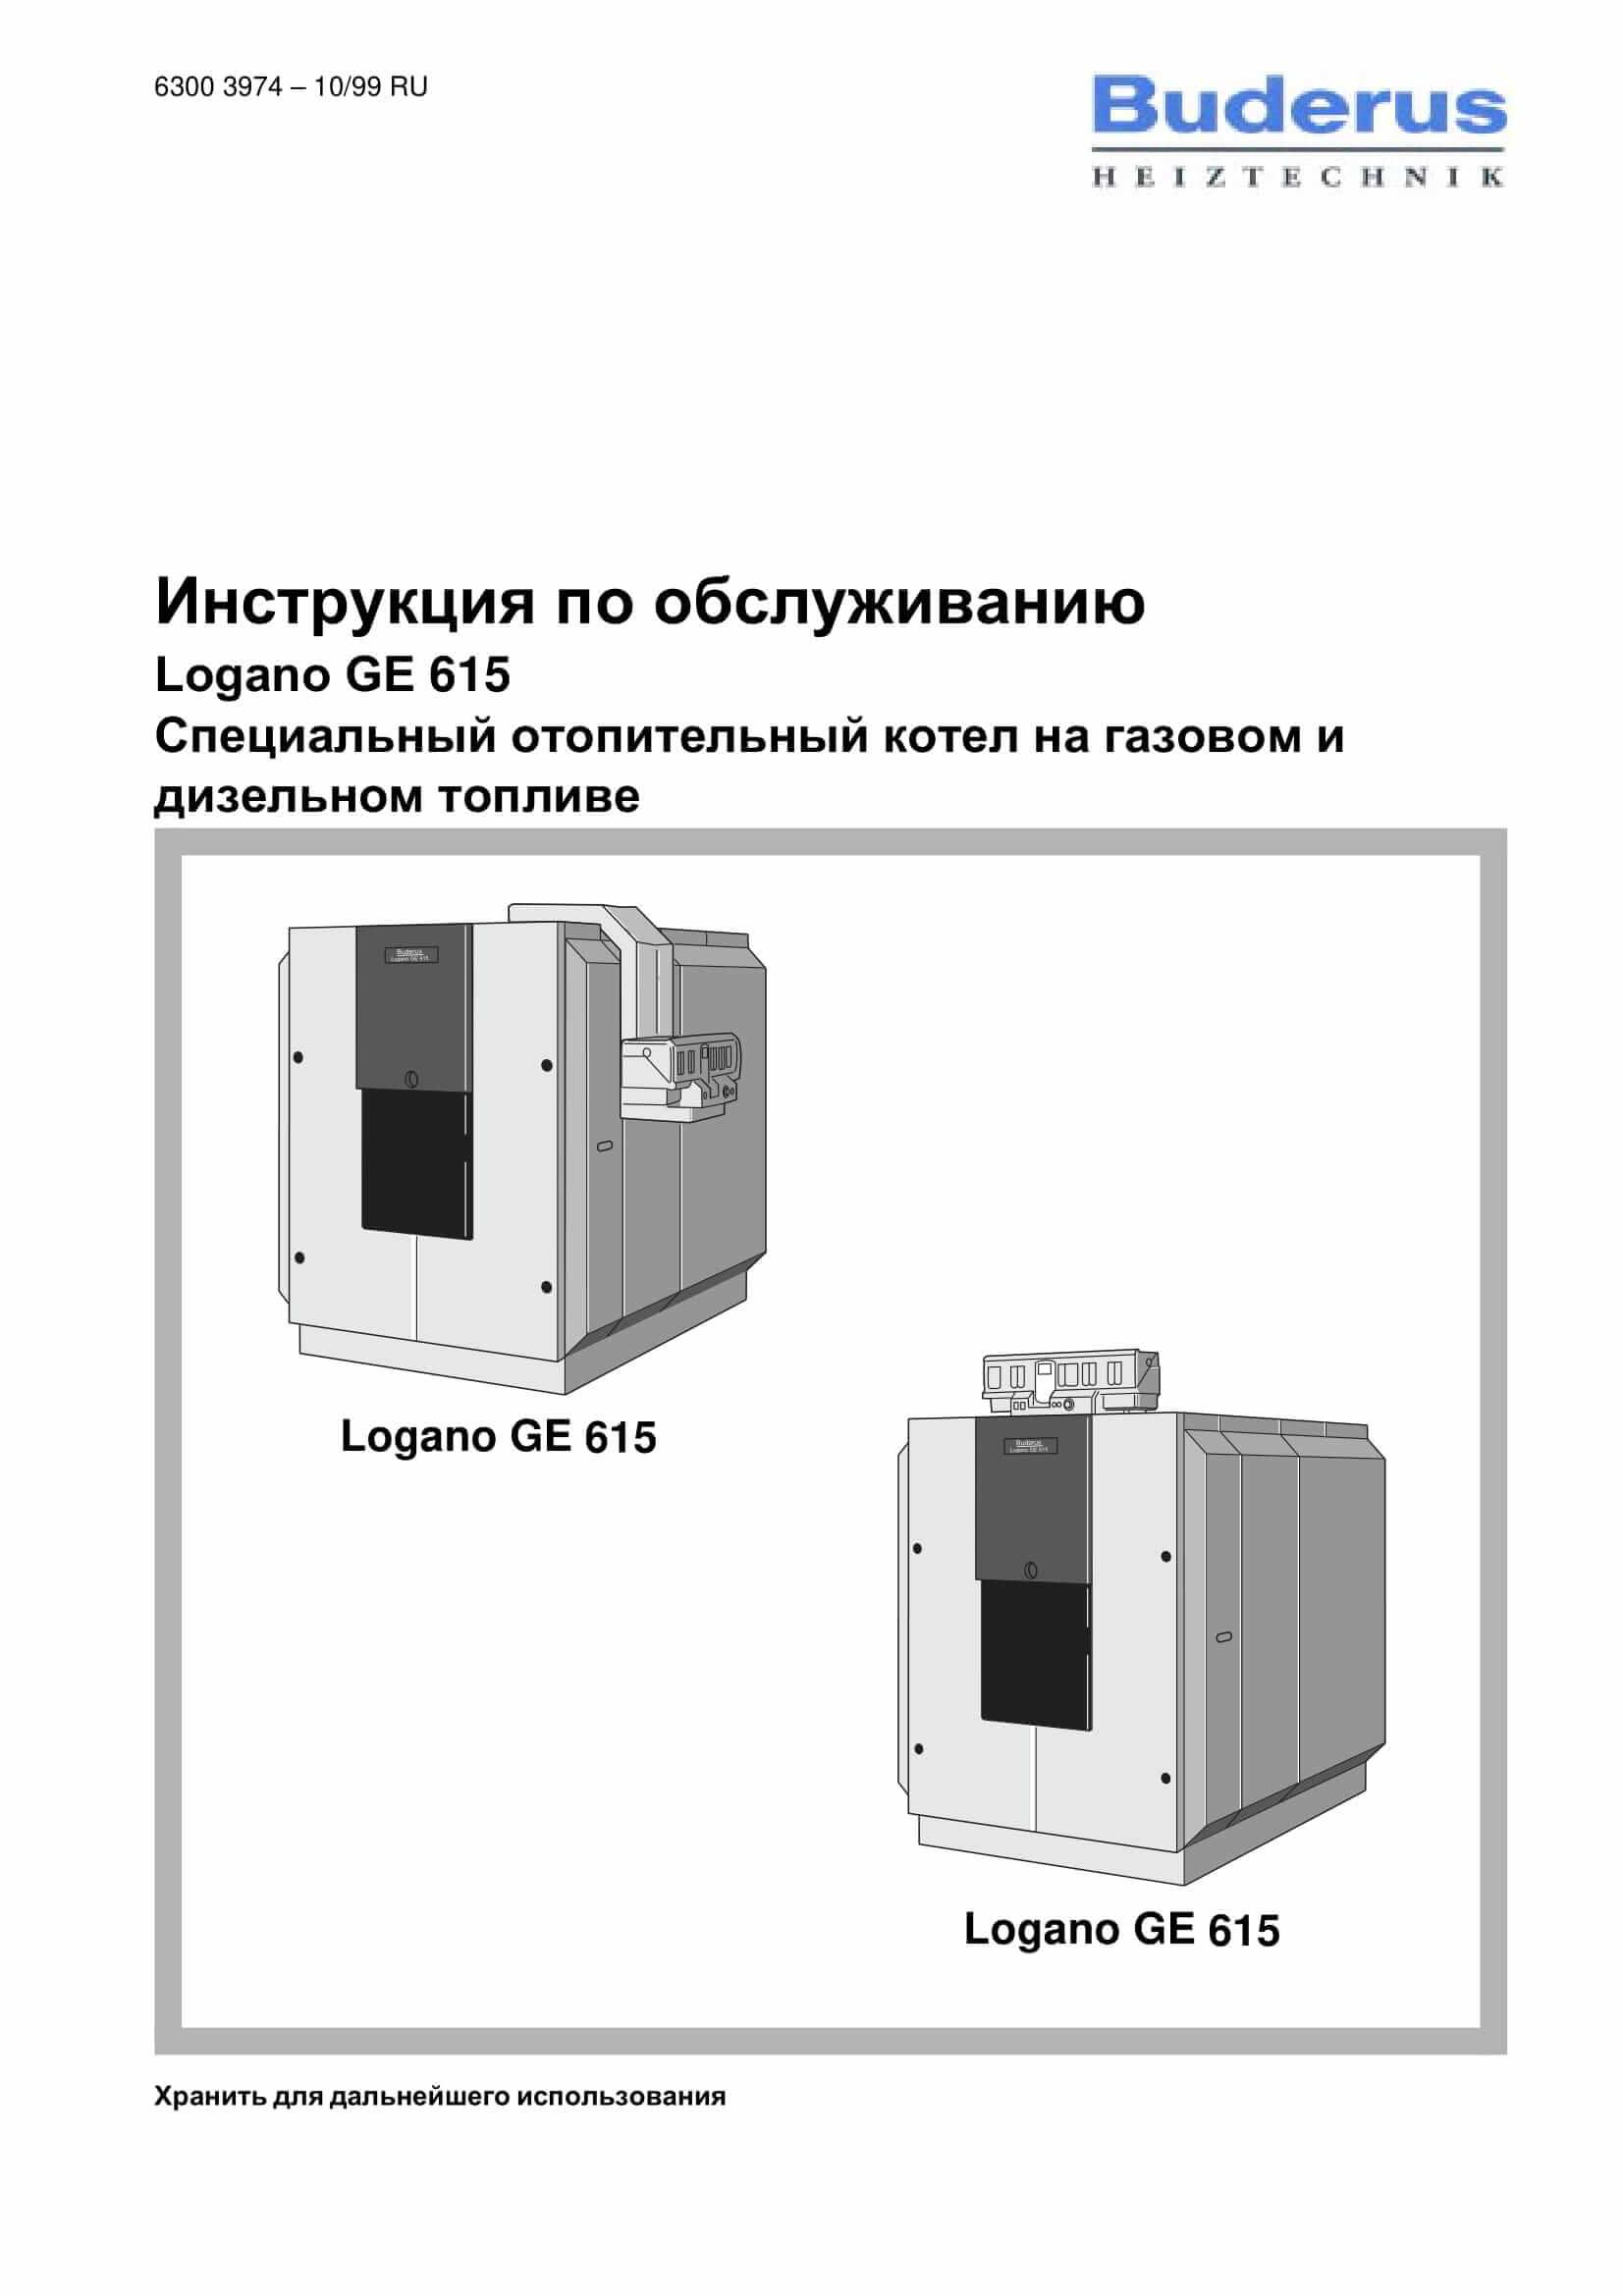 Фотография Инструкция по обслуживанию комбинированного котла дизель/газ Logano GE615